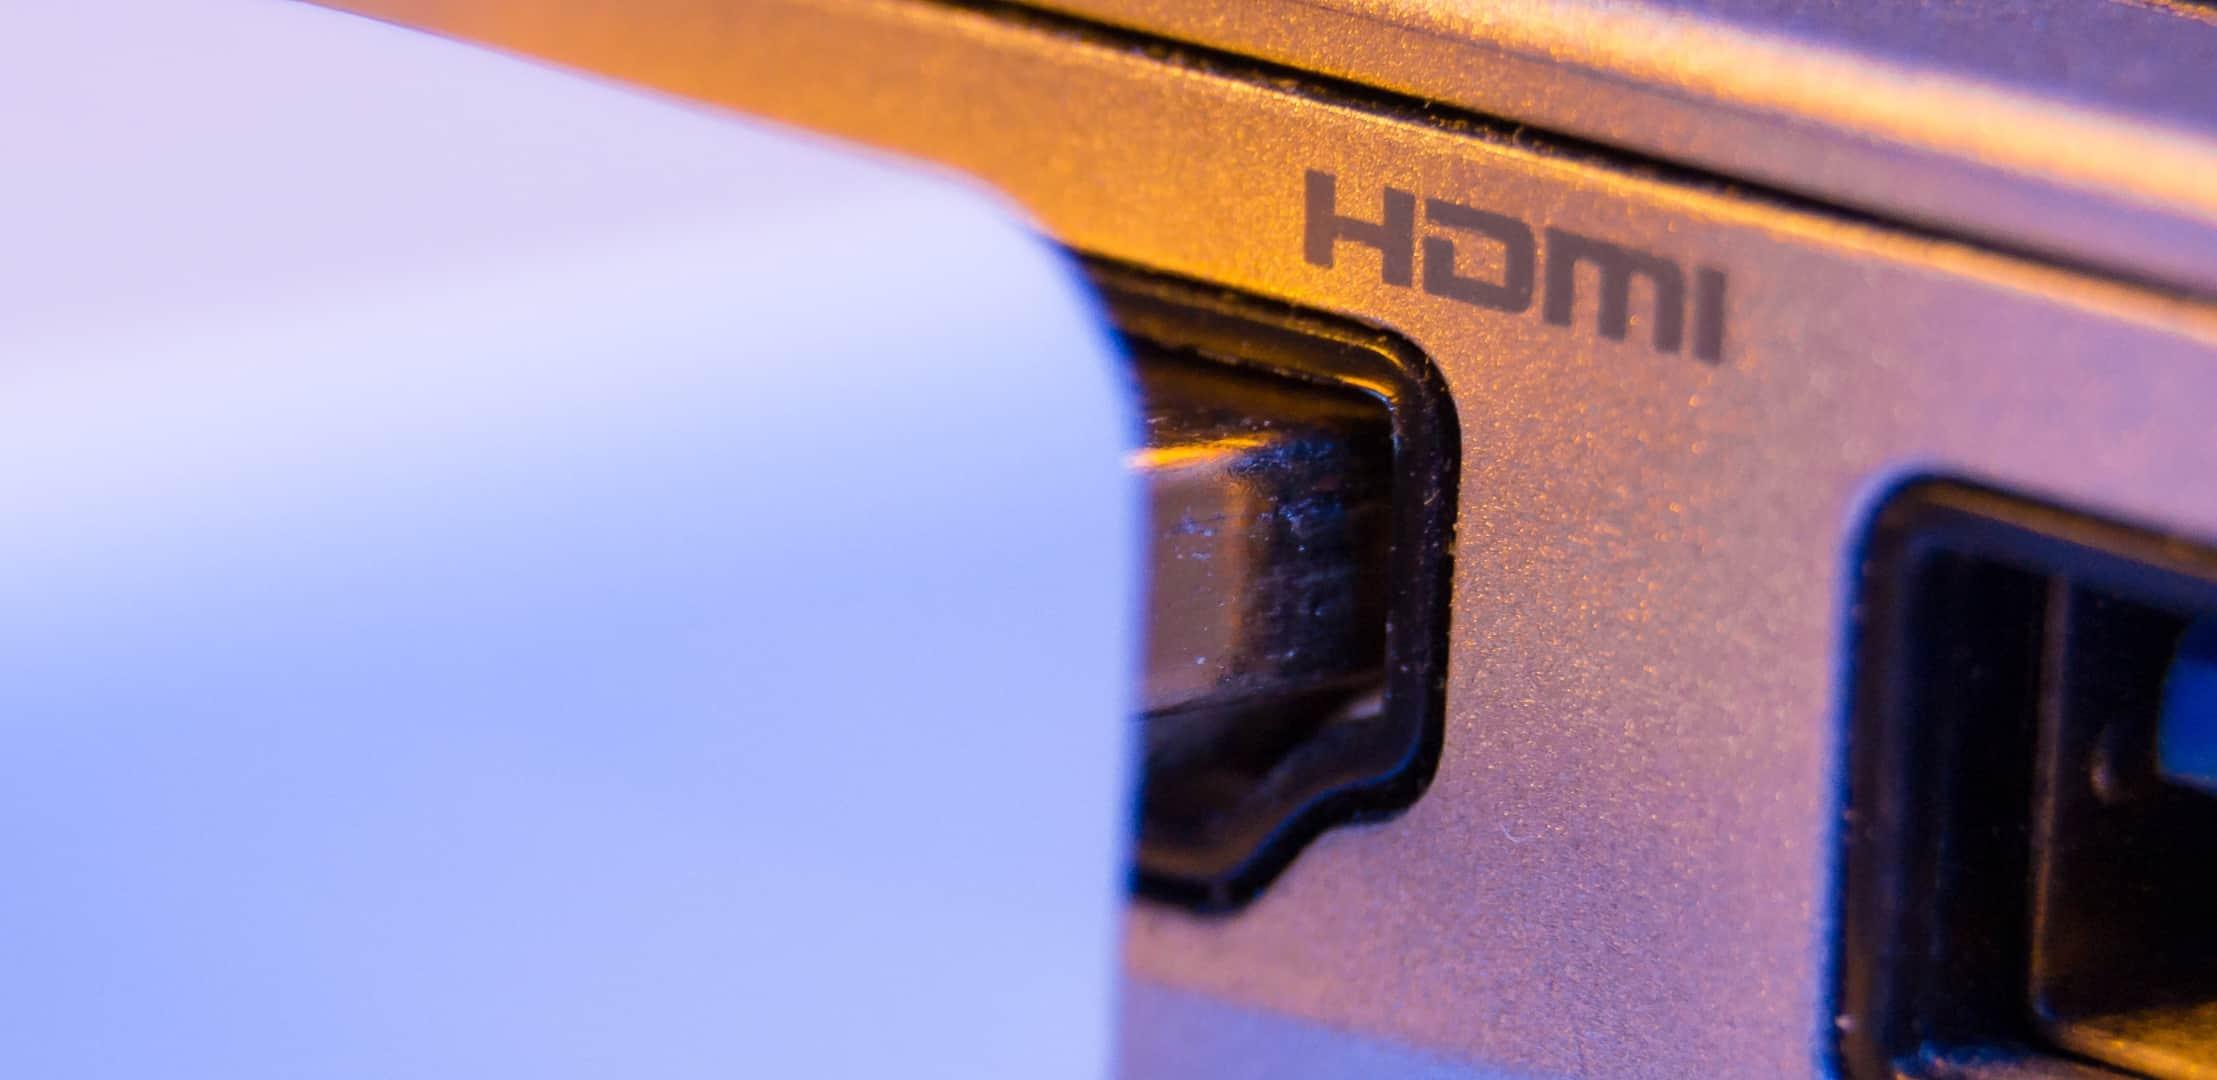 Capturadora de vídeo HDMI: ¿Cuál es la mejor del 2020?